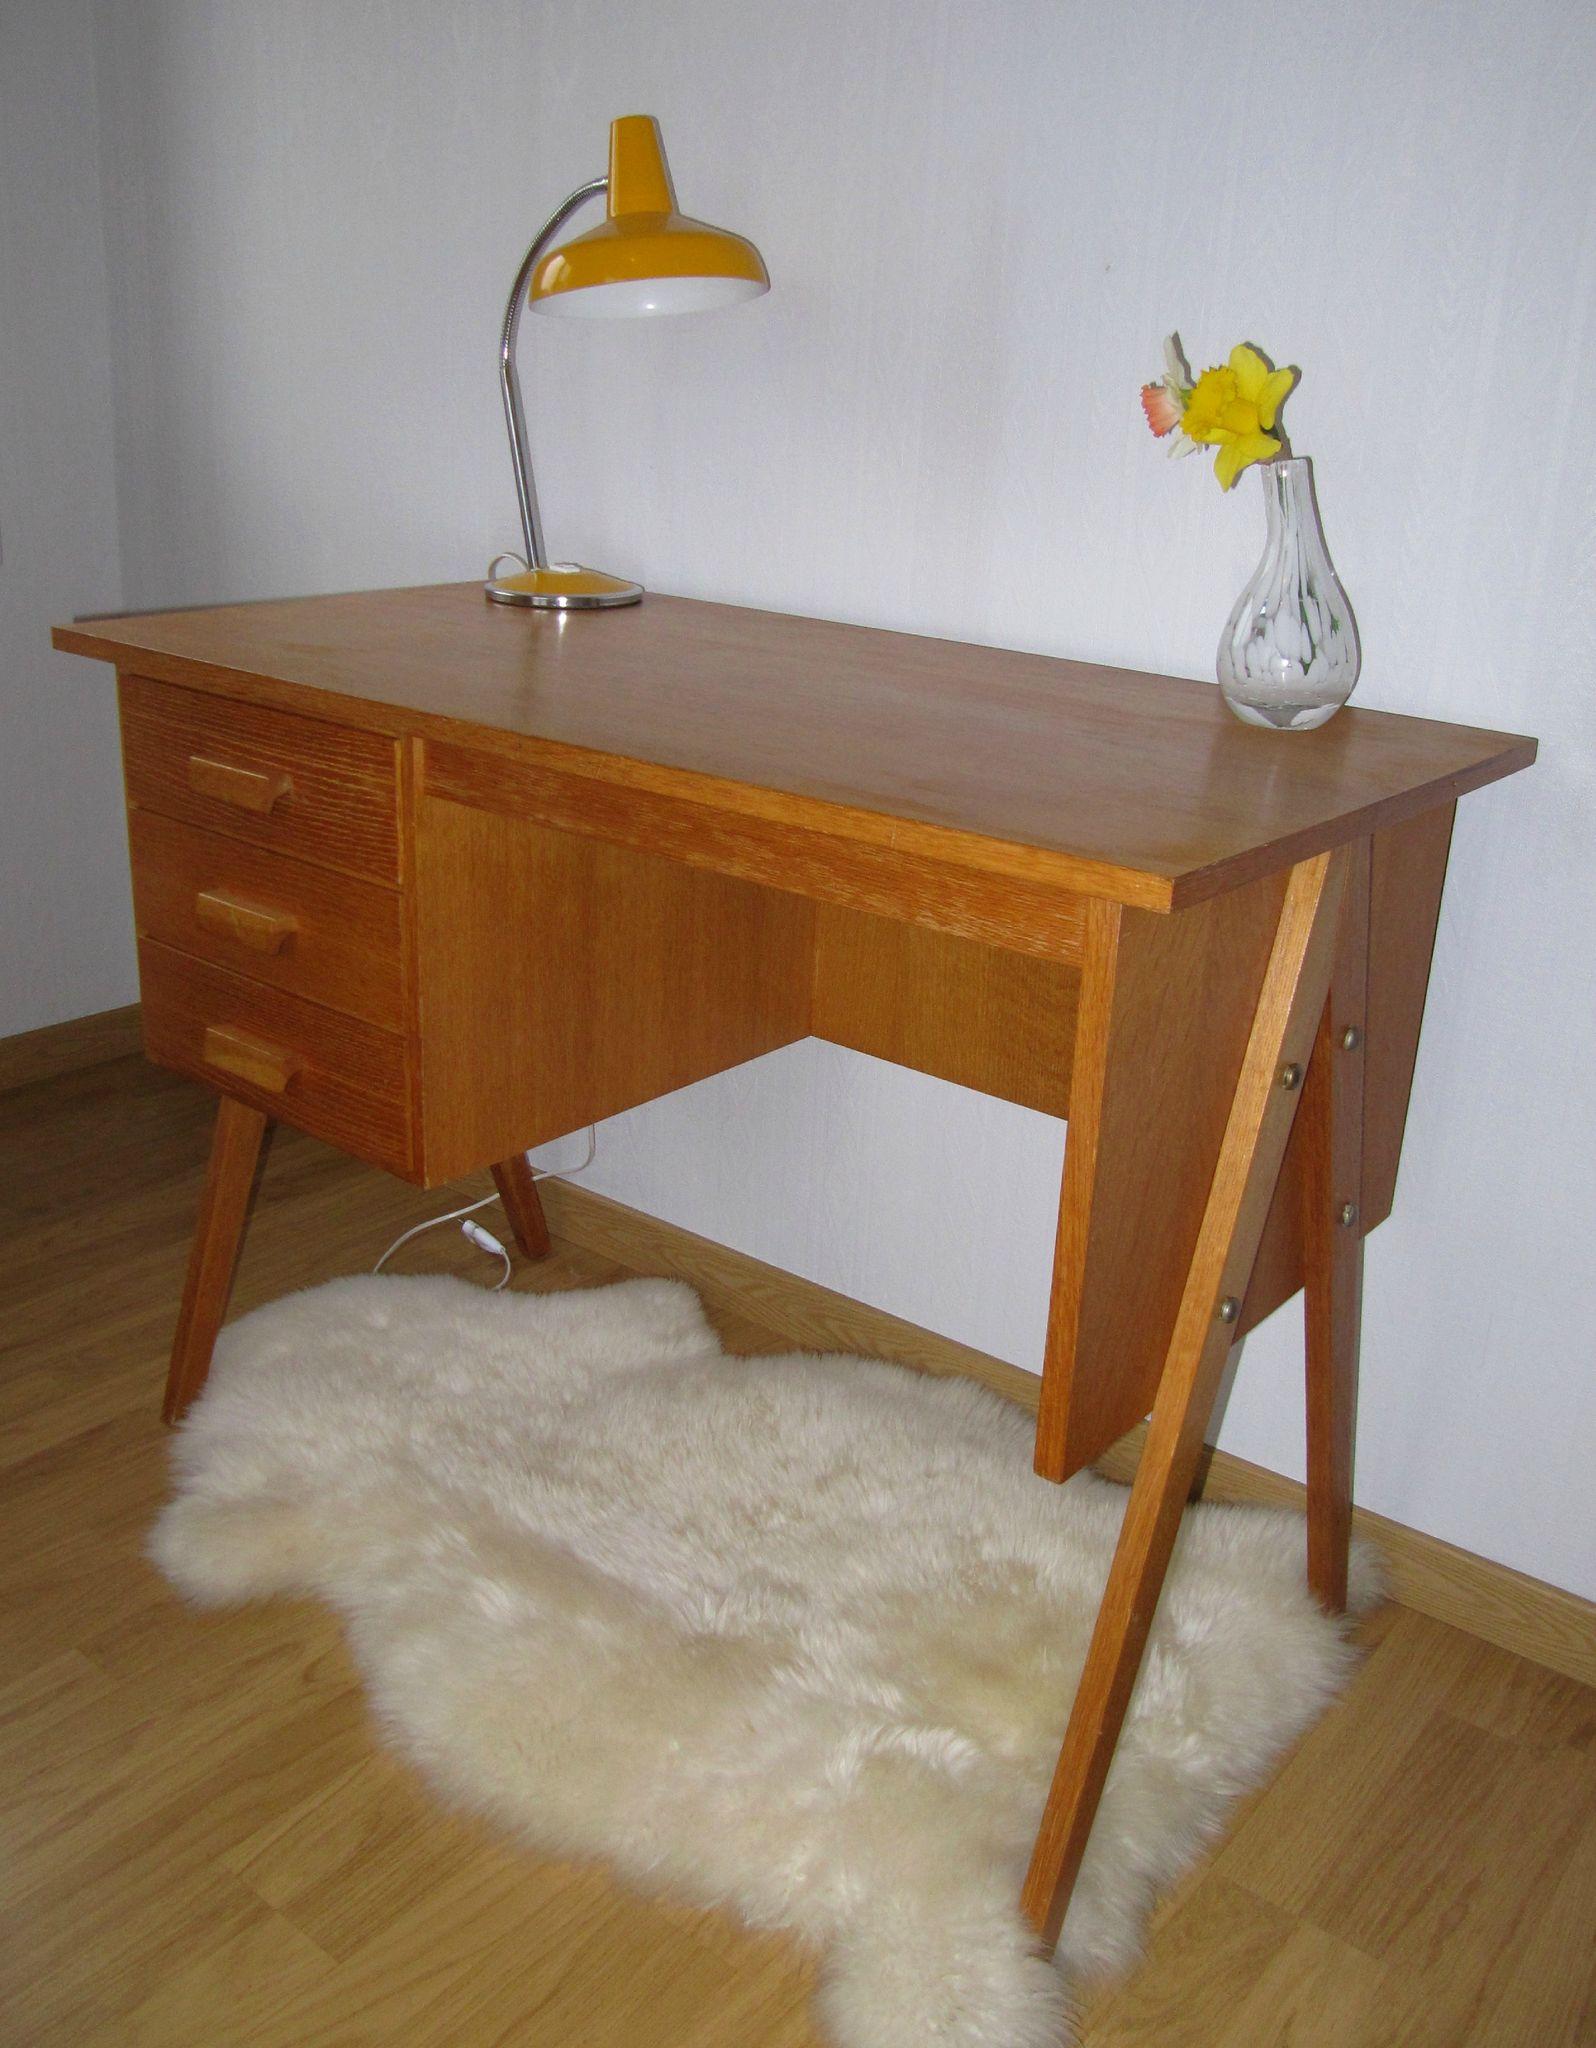 mobilier vintage pour enfants ribambelle compagnie. Black Bedroom Furniture Sets. Home Design Ideas